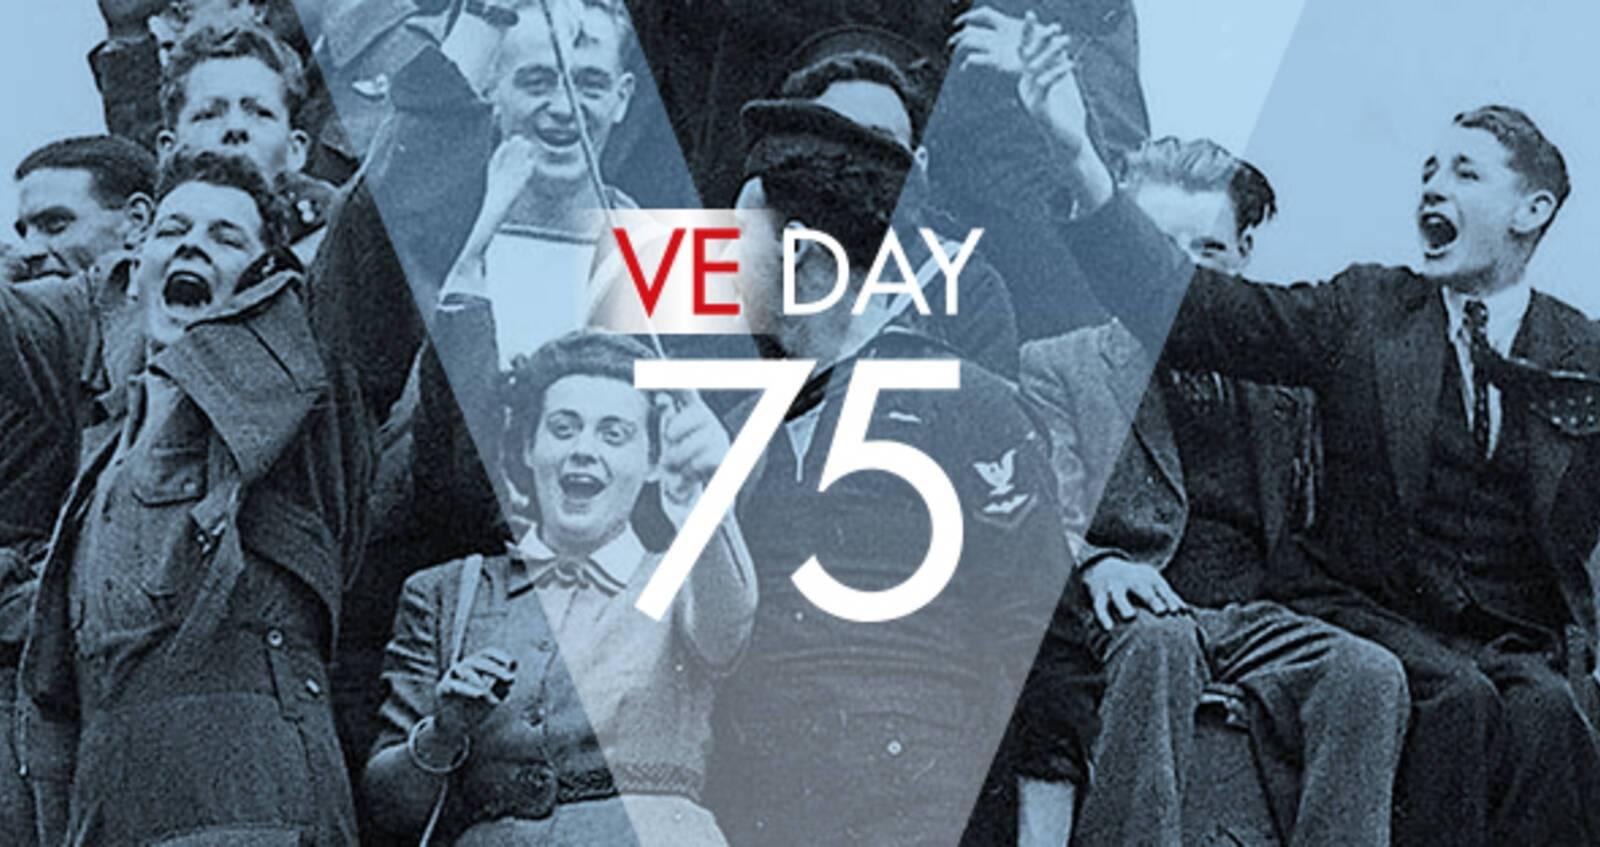 VE day 75 Celebration May 2020